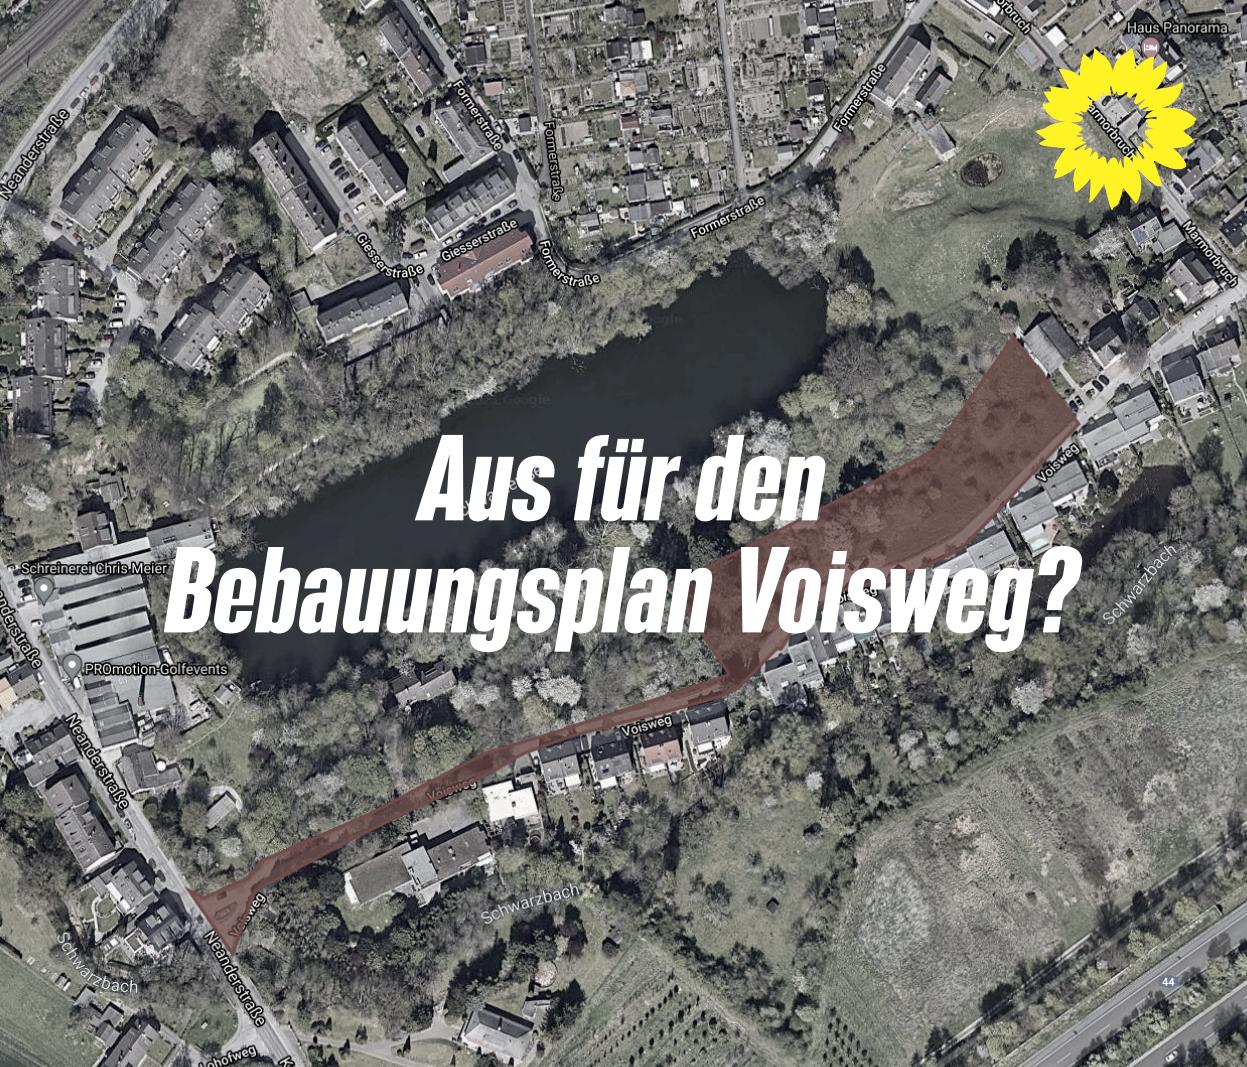 Aus für den Bebauungsplan Voisweg?